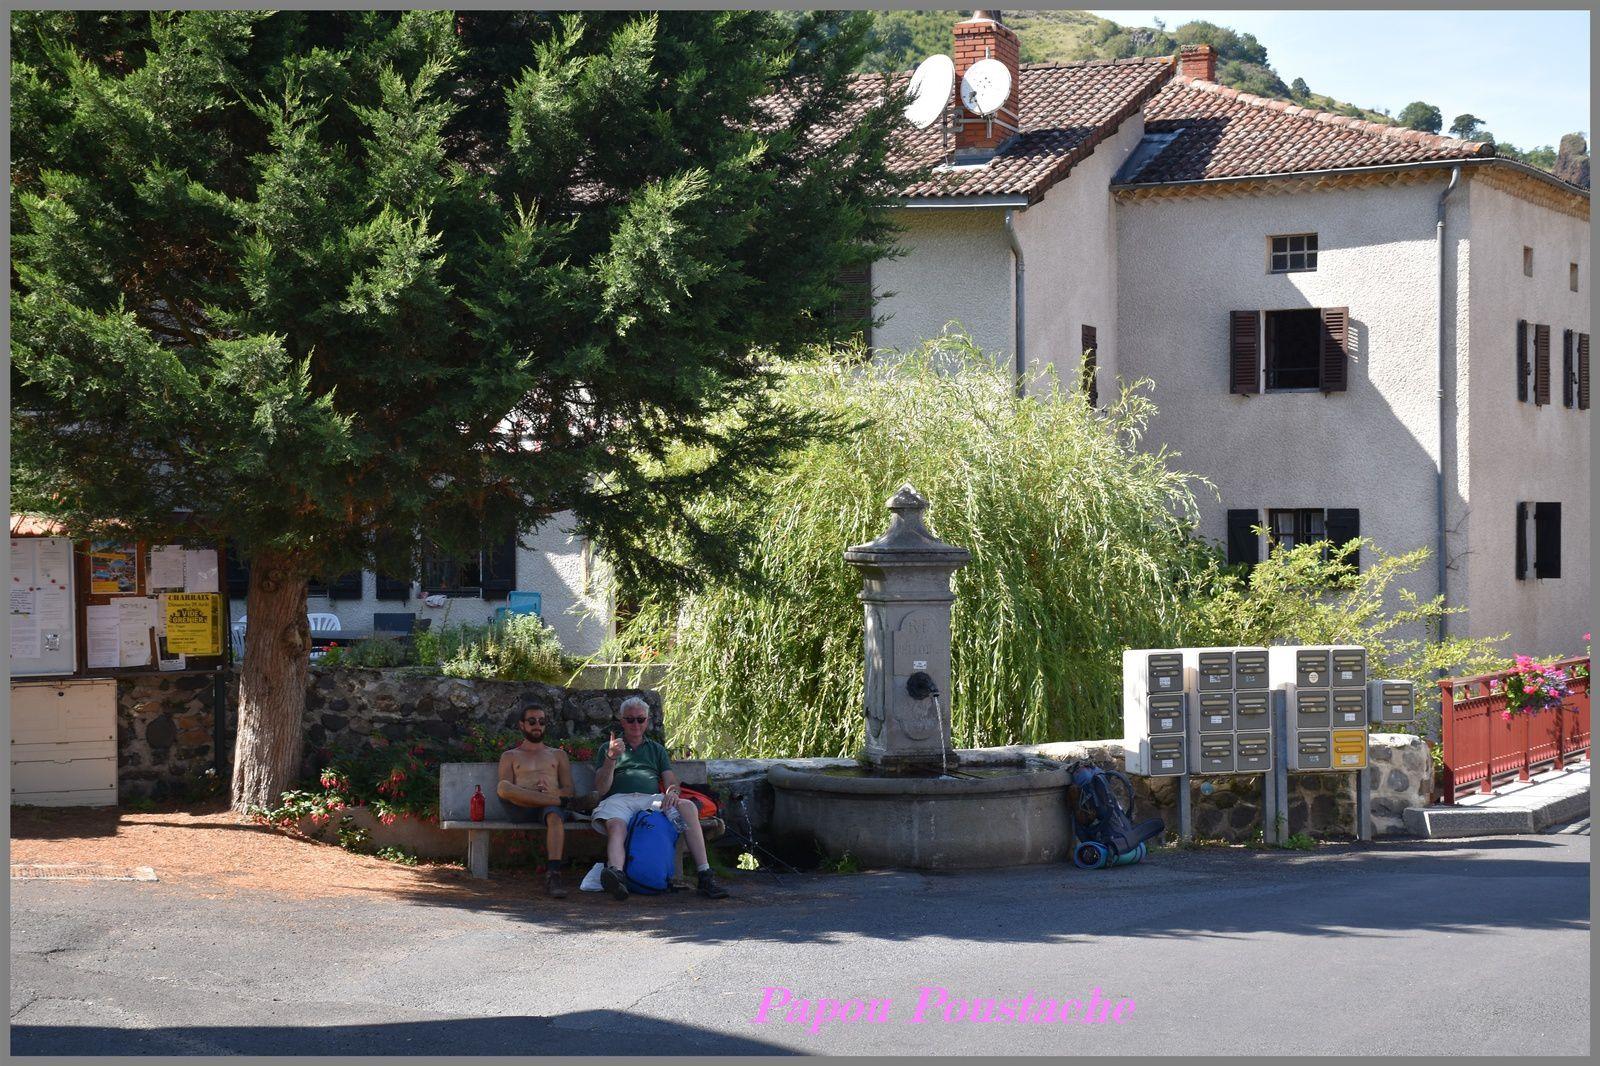 Randonnée des gorges de l'Allier: Langeac-Prades